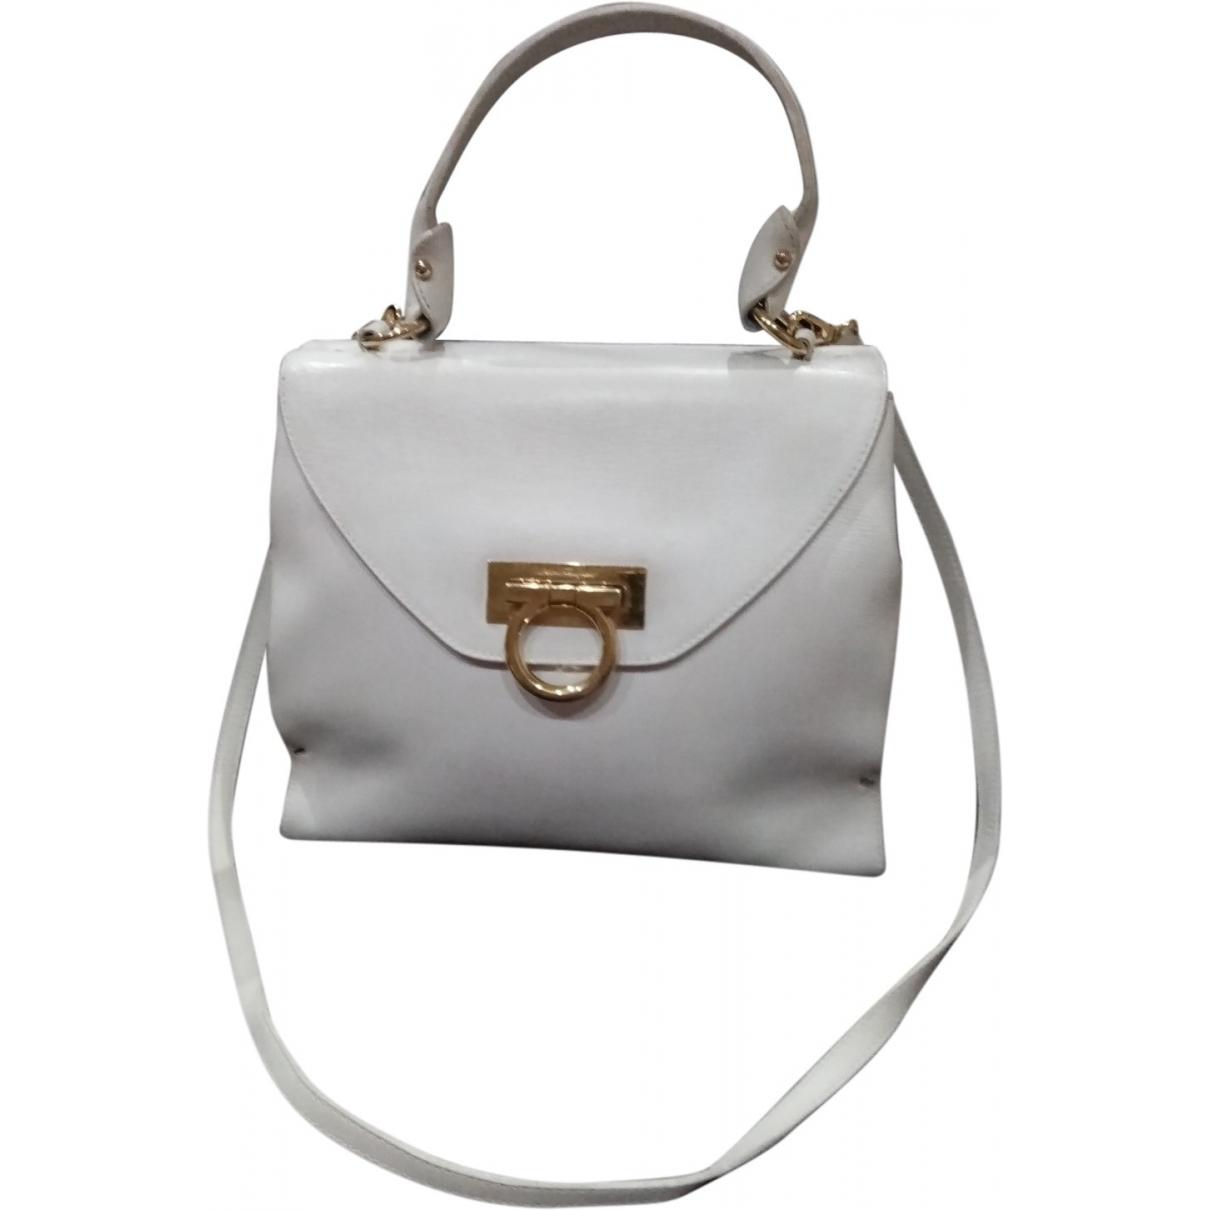 Salvatore Ferragamo \N Handtasche in  Weiss Leder